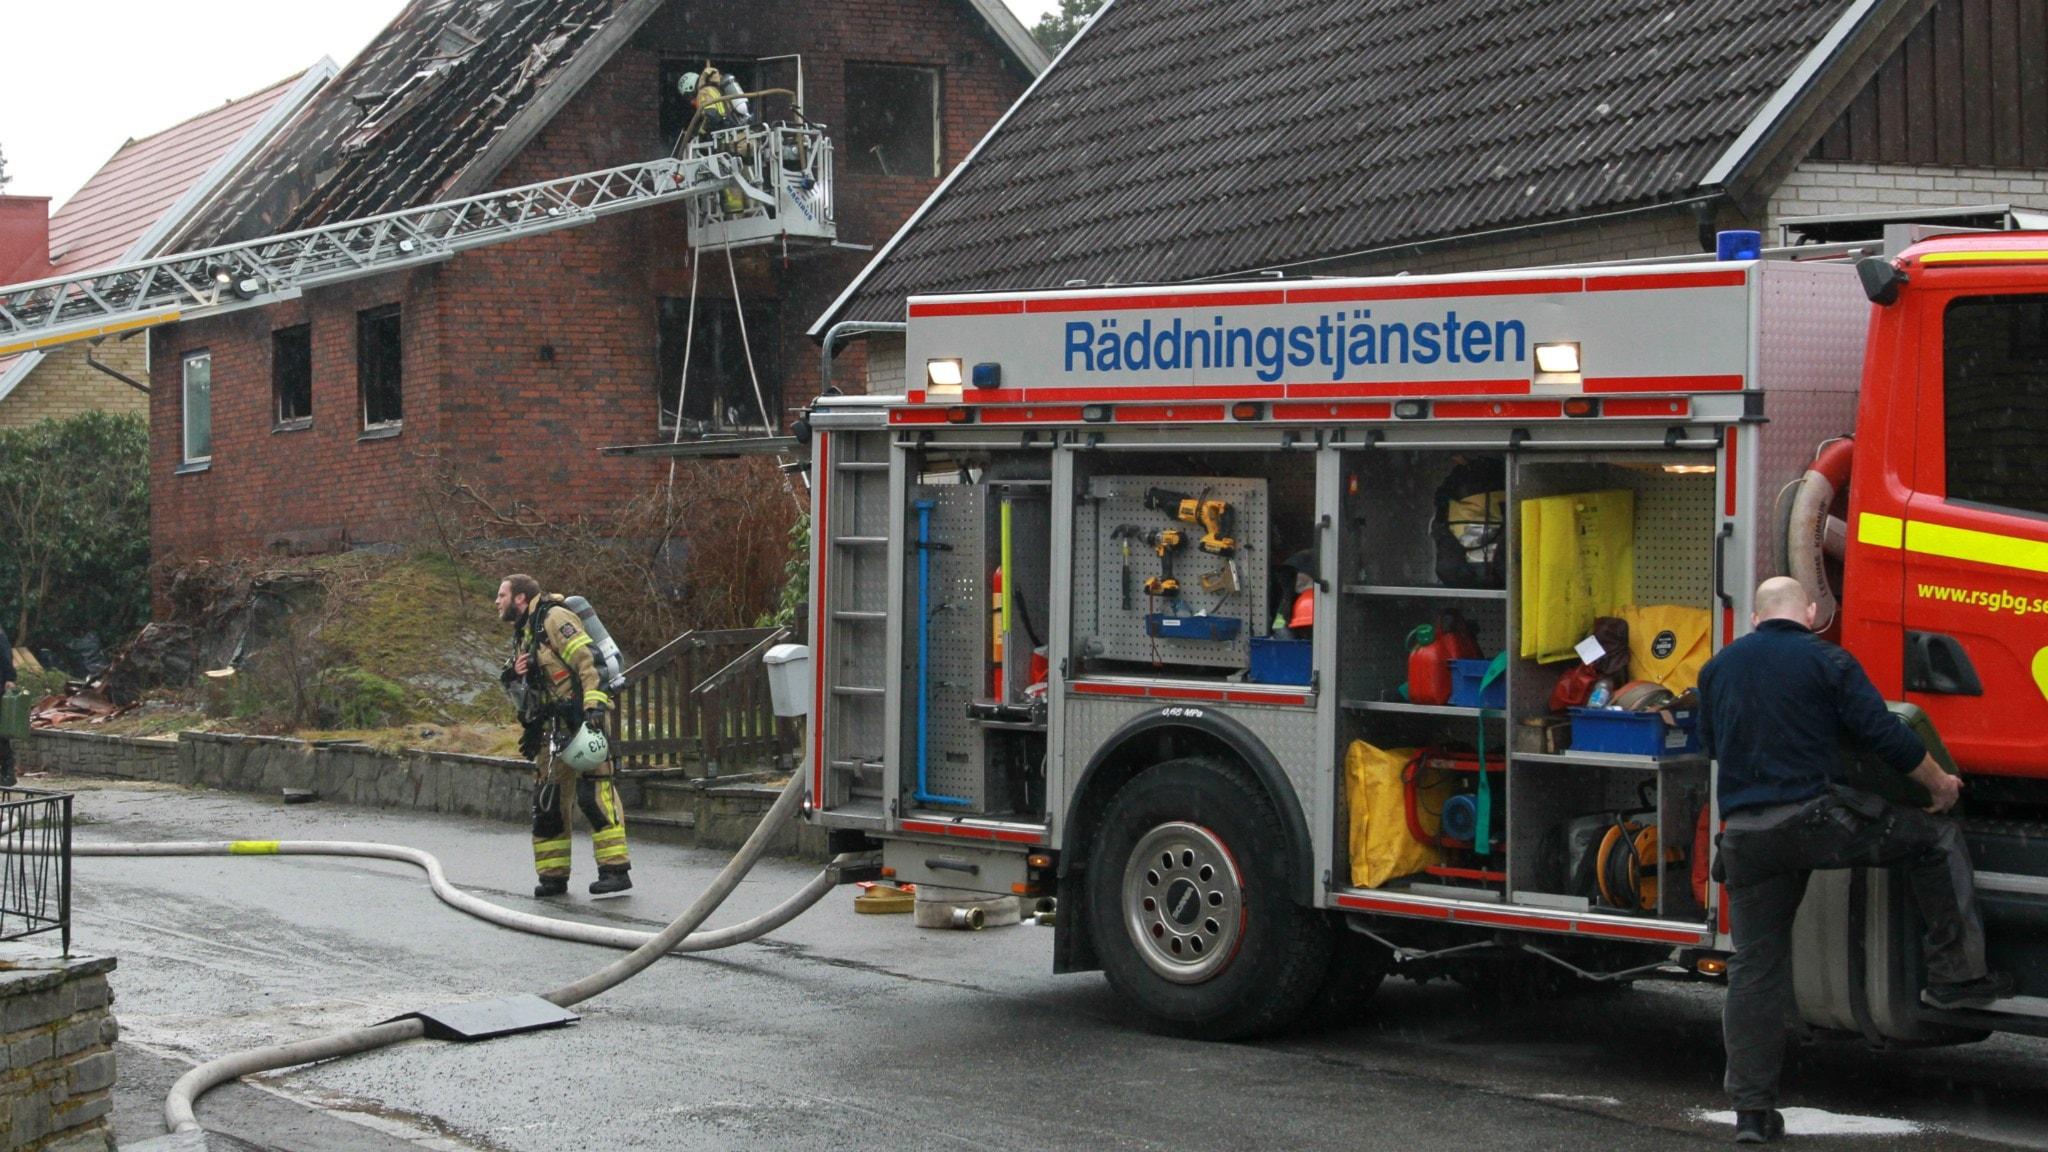 Twitter ledsagare oskyddad nära Göteborg